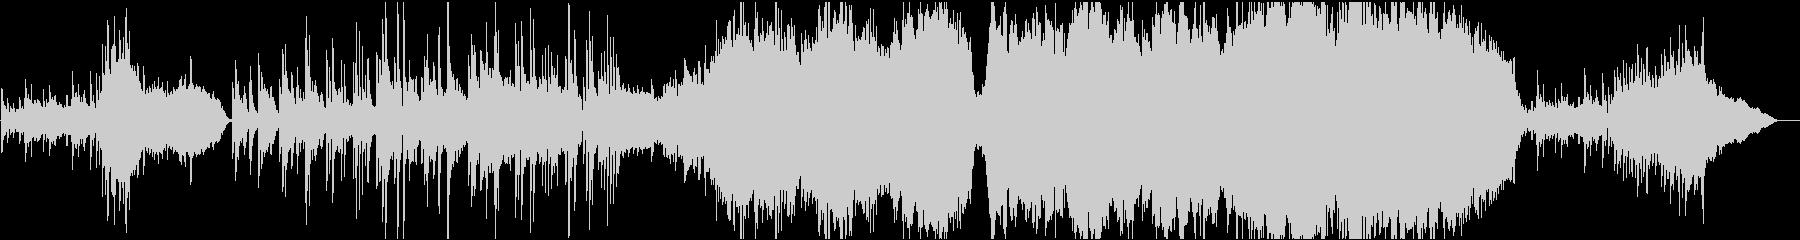 ストリングスとホルンが印象的なバラードの未再生の波形